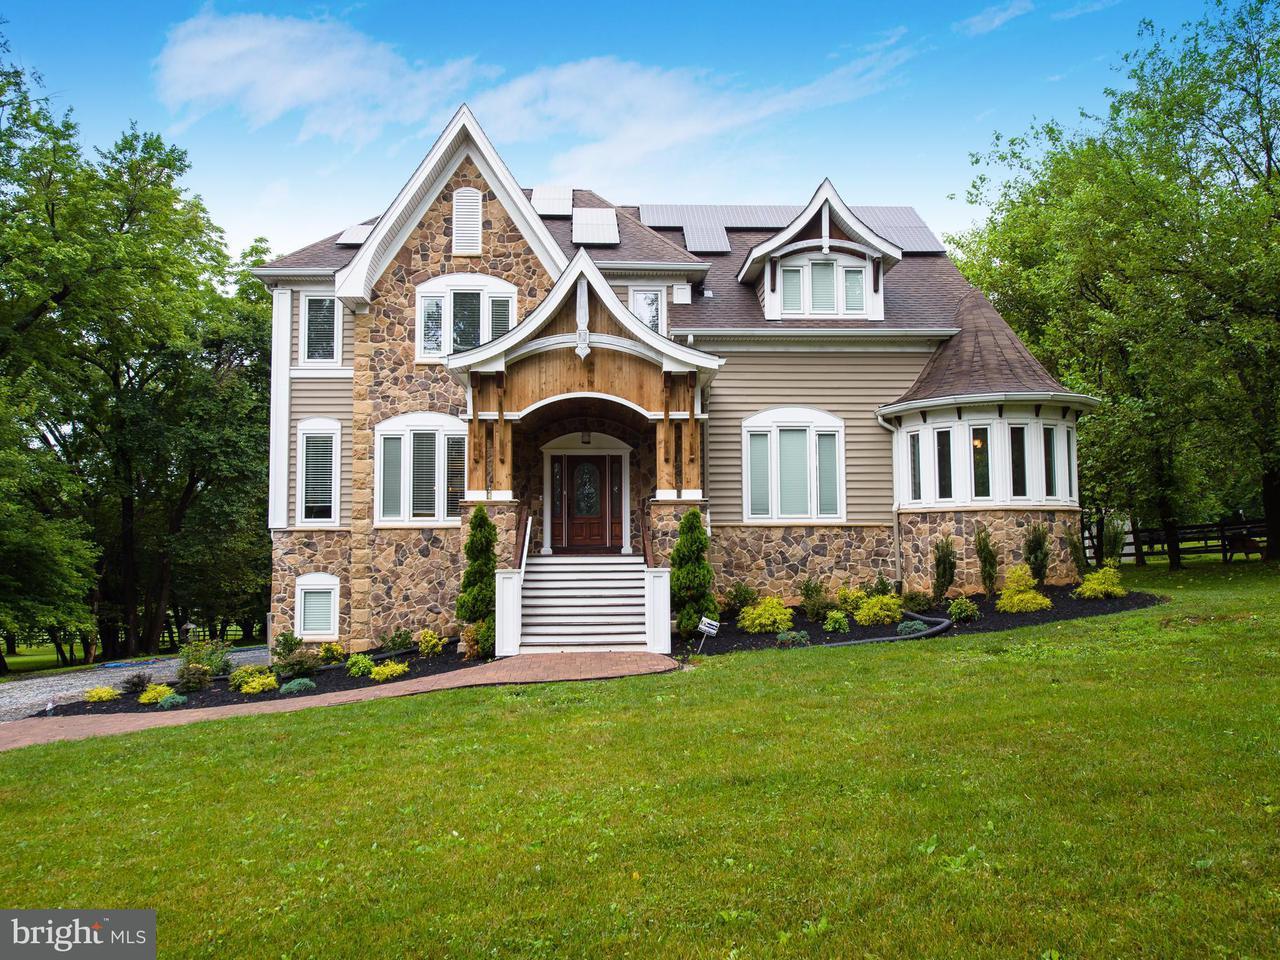 一戸建て のために 売買 アット 14910 BUSHY PARK Road 14910 BUSHY PARK Road Woodbine, メリーランド 21797 アメリカ合衆国